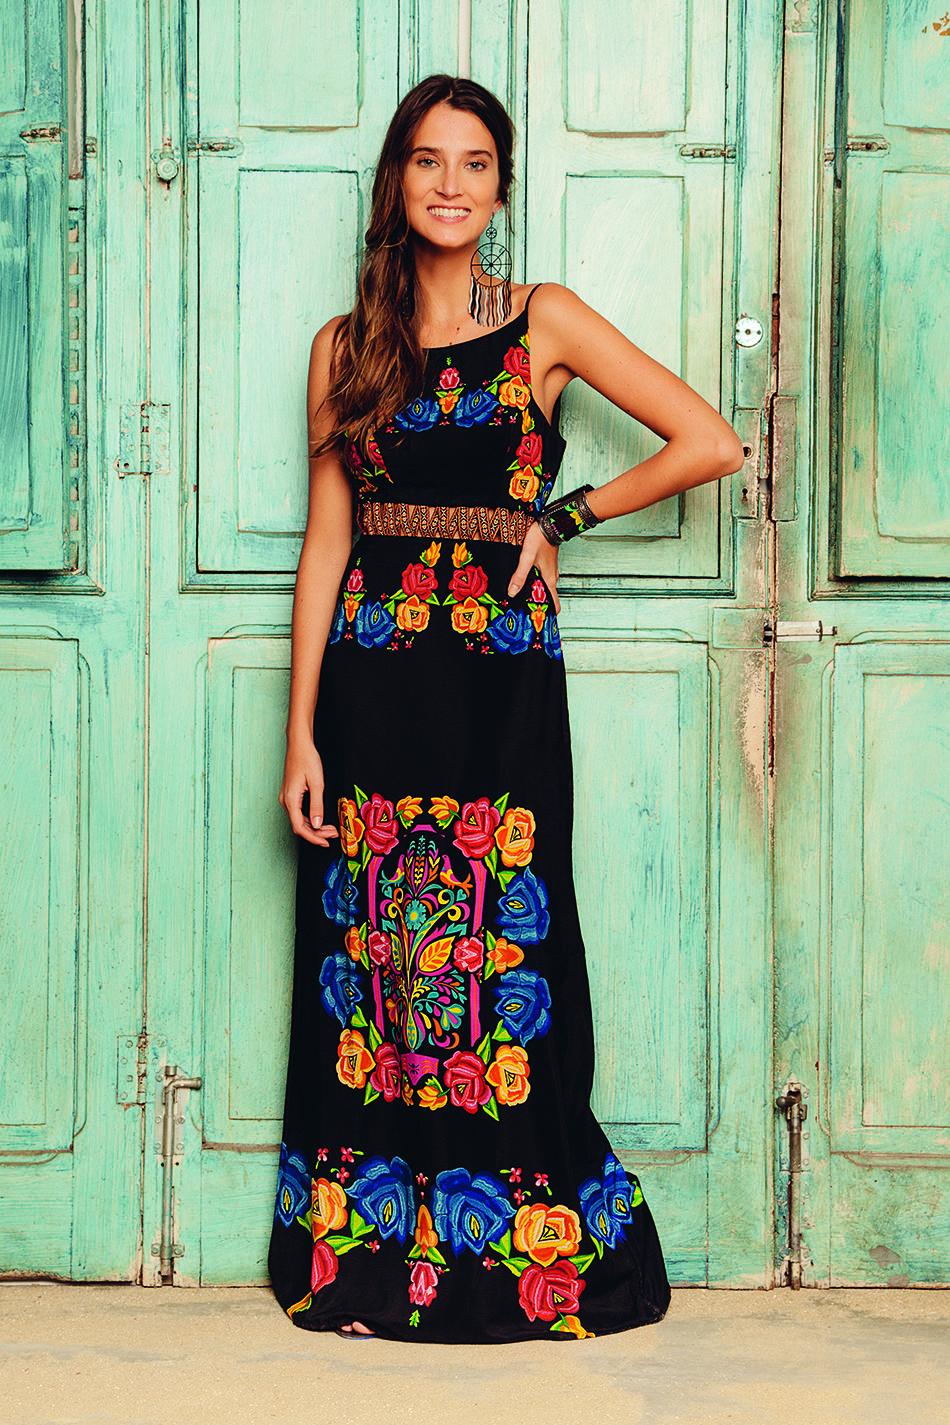 2b31dd786 shop online on  www.ohboy.com.br Comprar Roupas Online Feminina